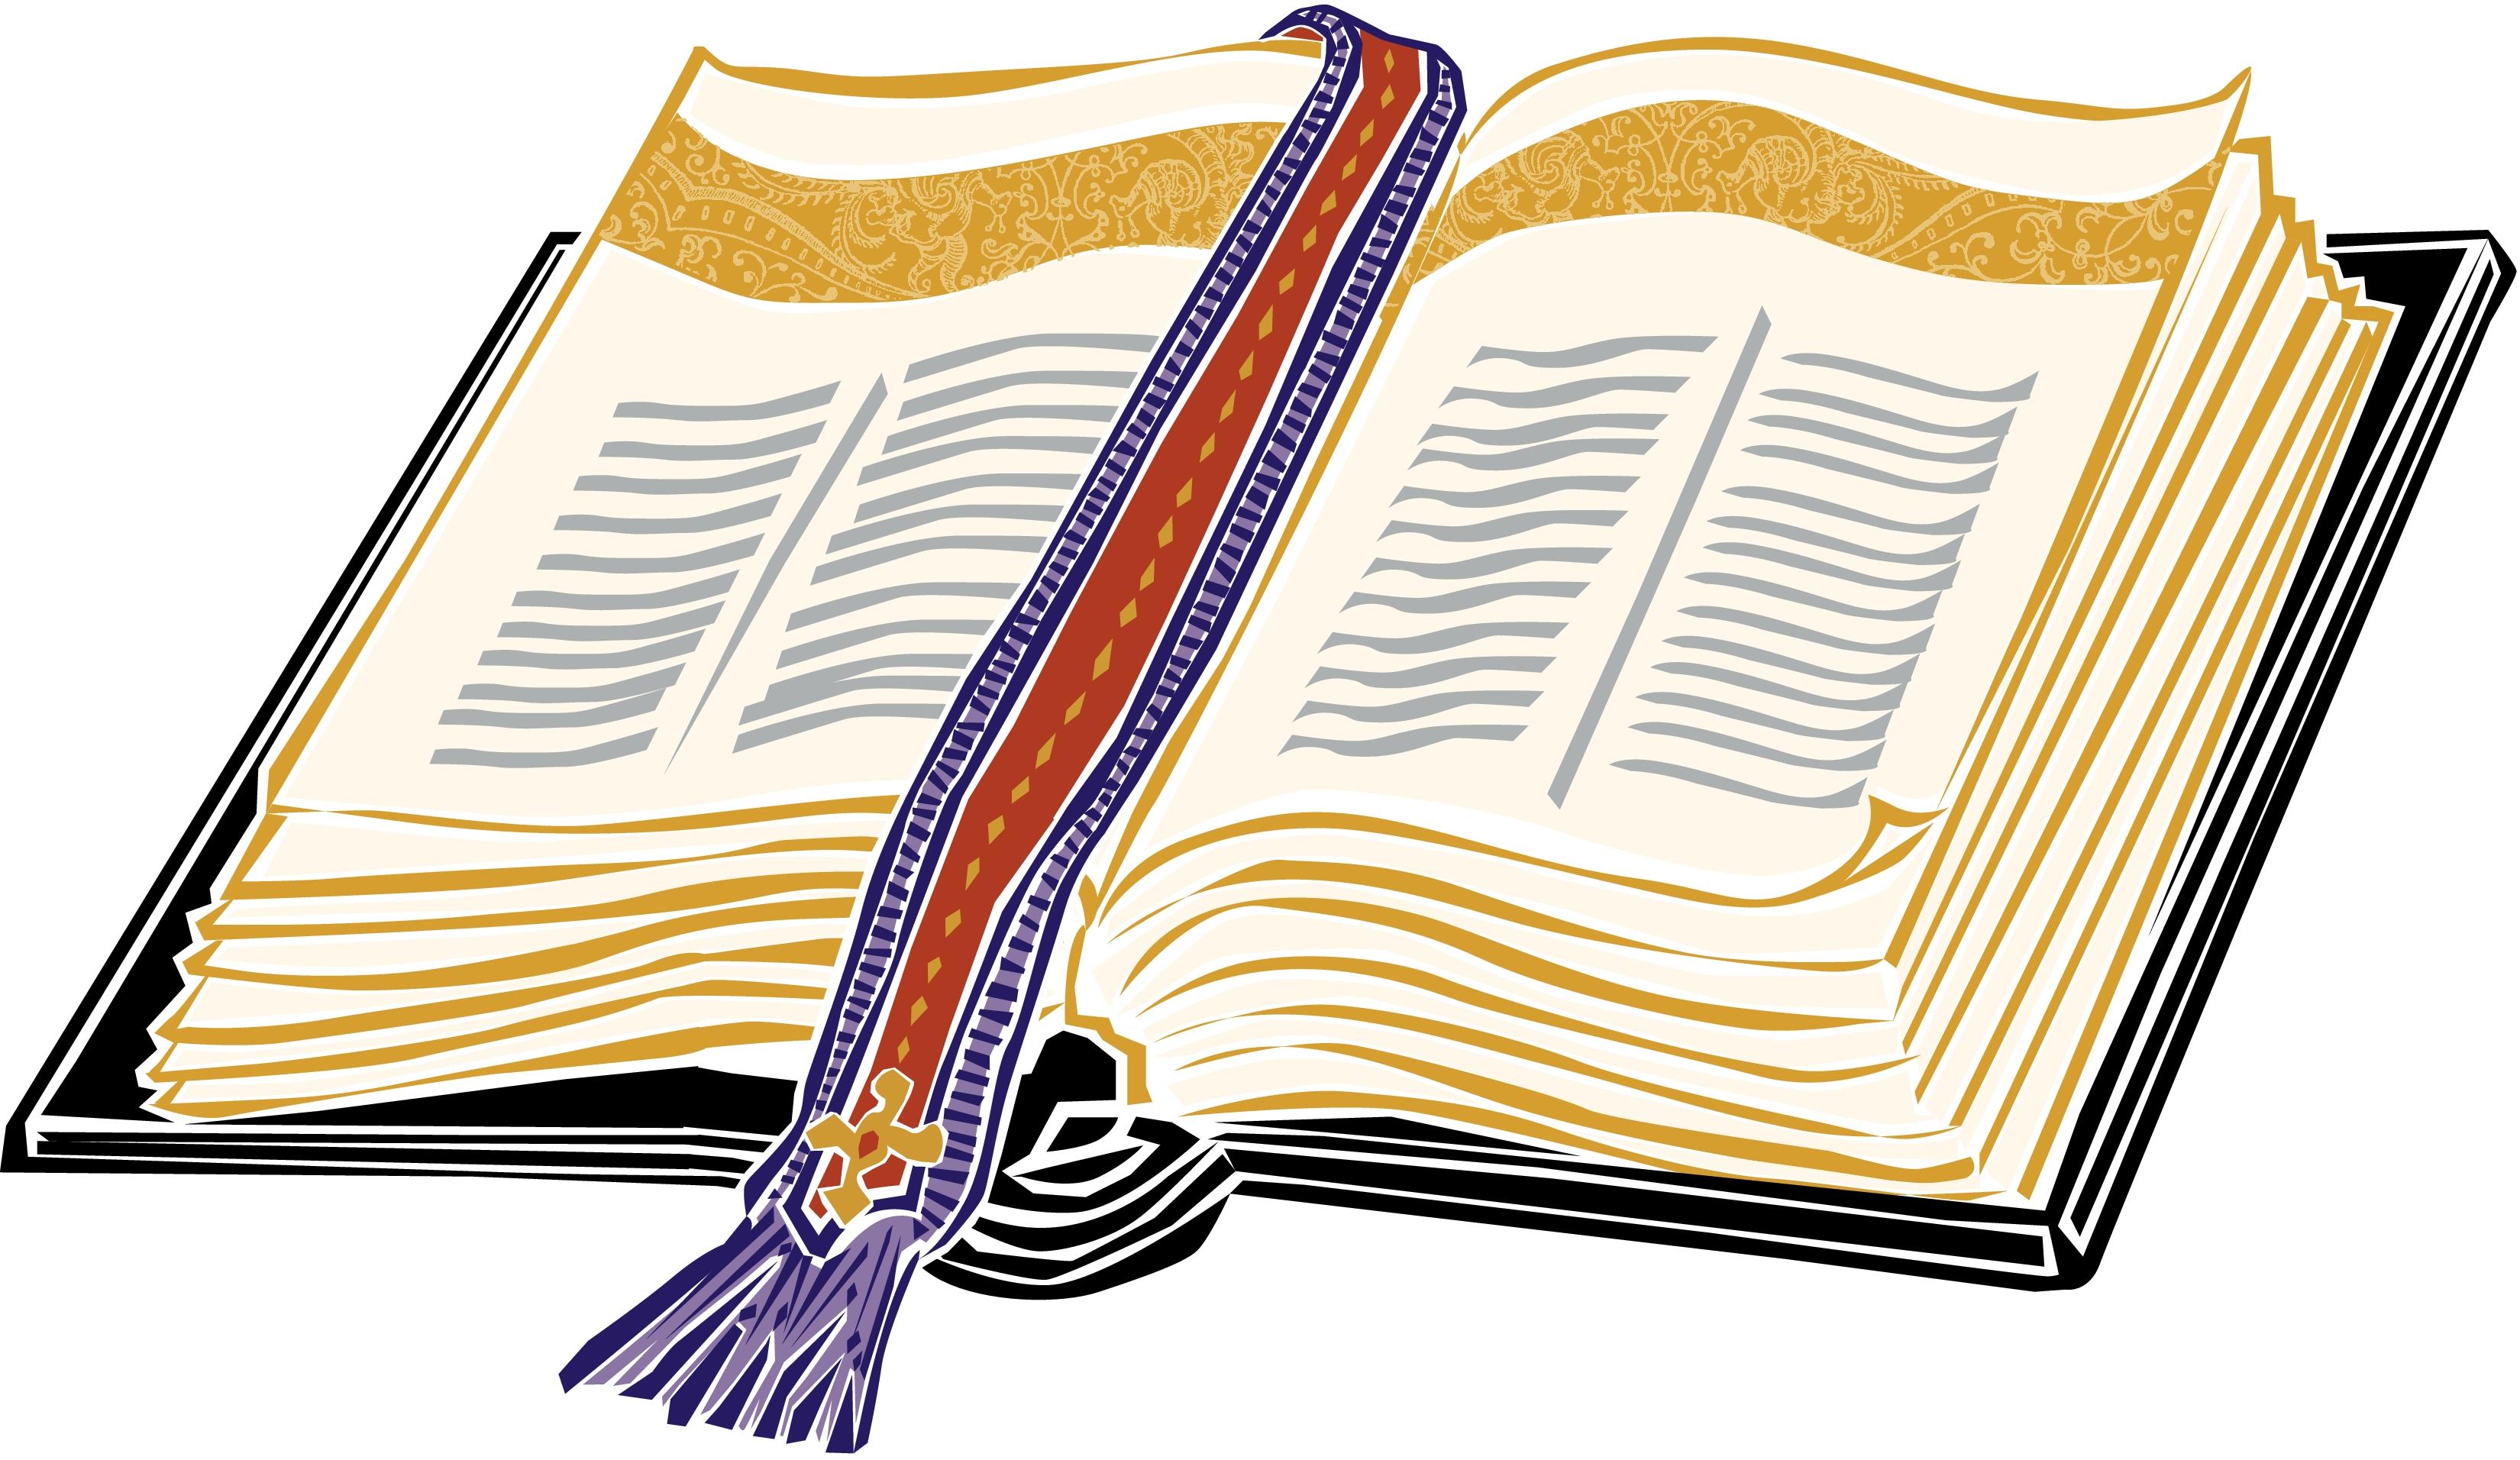 Bobook clipart open bible Bible com Open Cliparting art